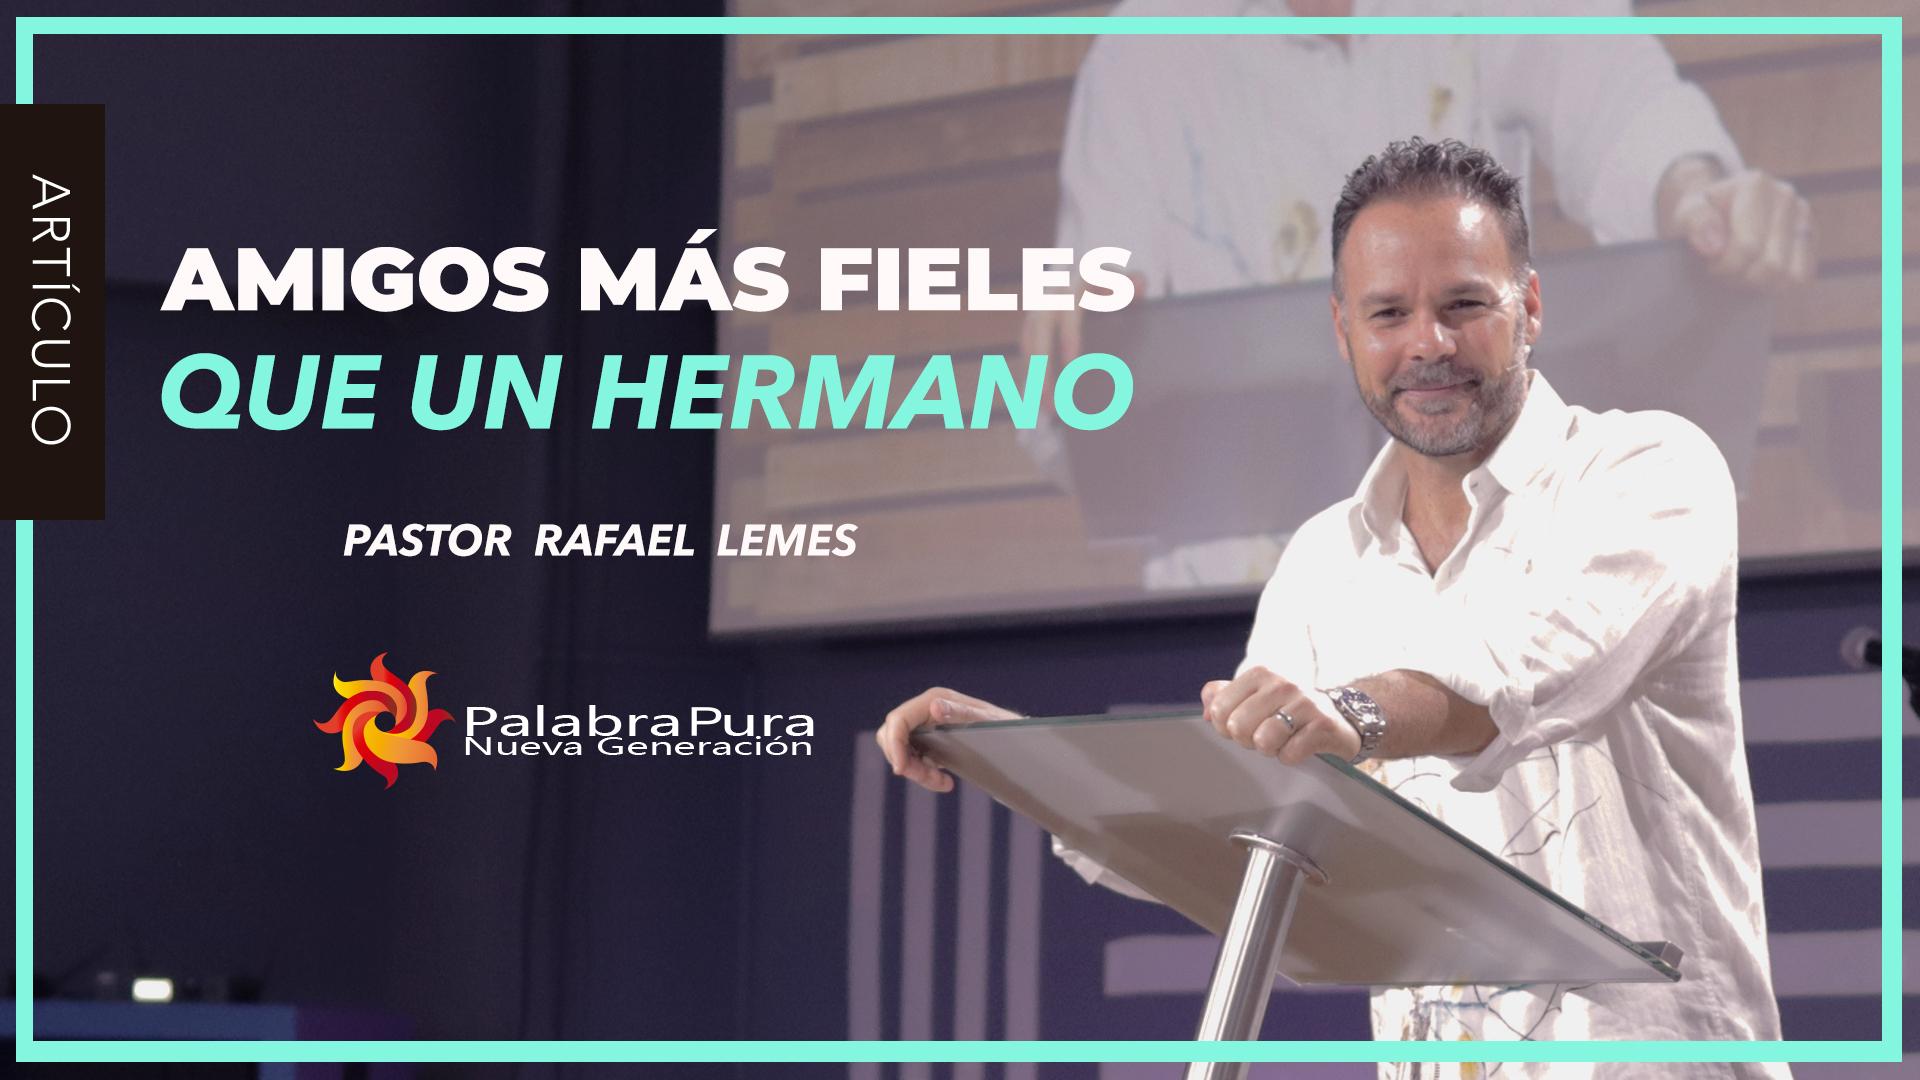 AMIGOS MÁS FIELES QUE UN HERMANO